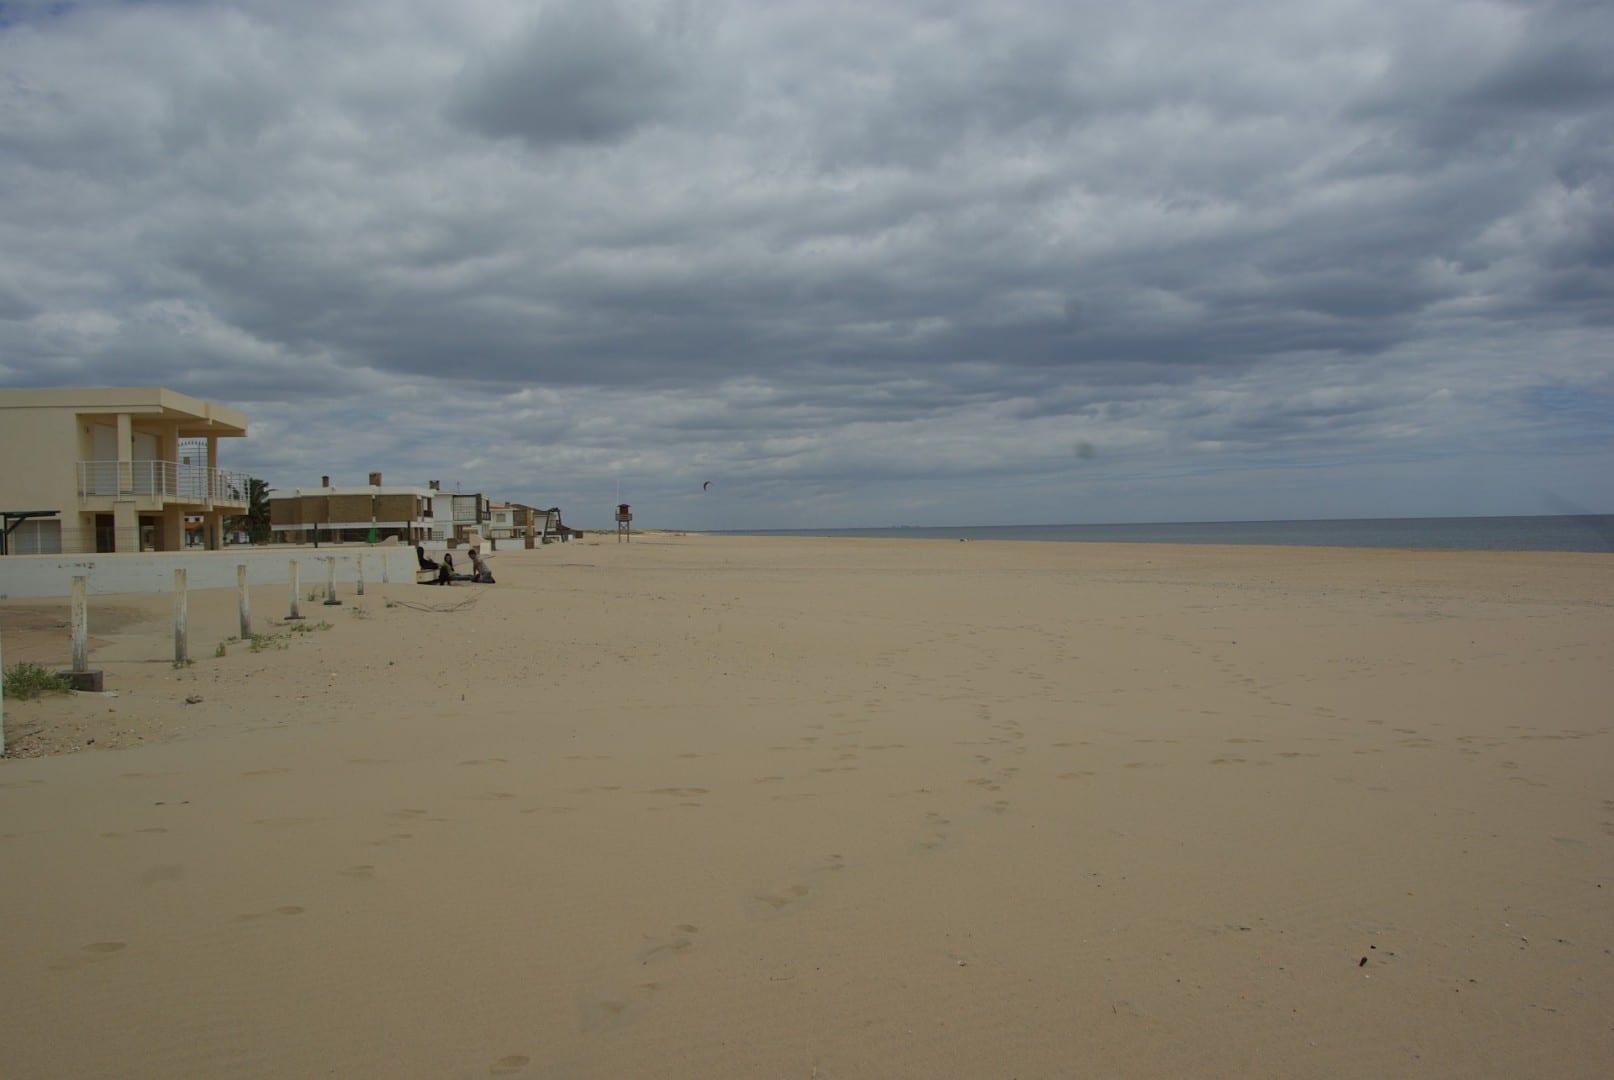 Playa vacía a finales de abril Islantilla España